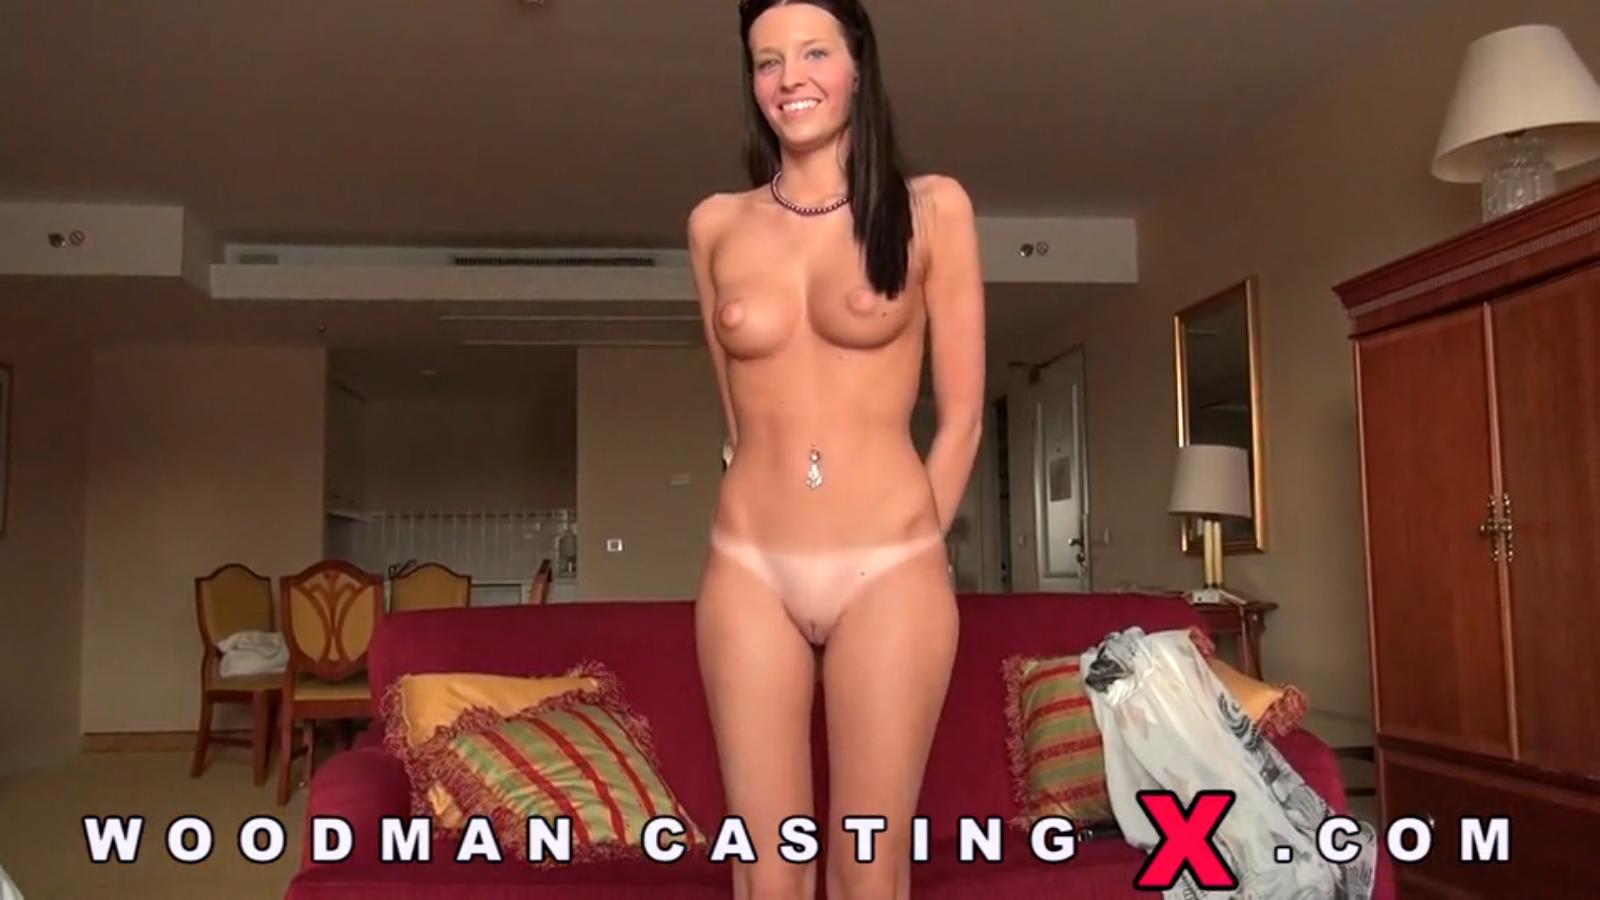 Кастинг пьер вудмана порно видео онлайн смотреть секс